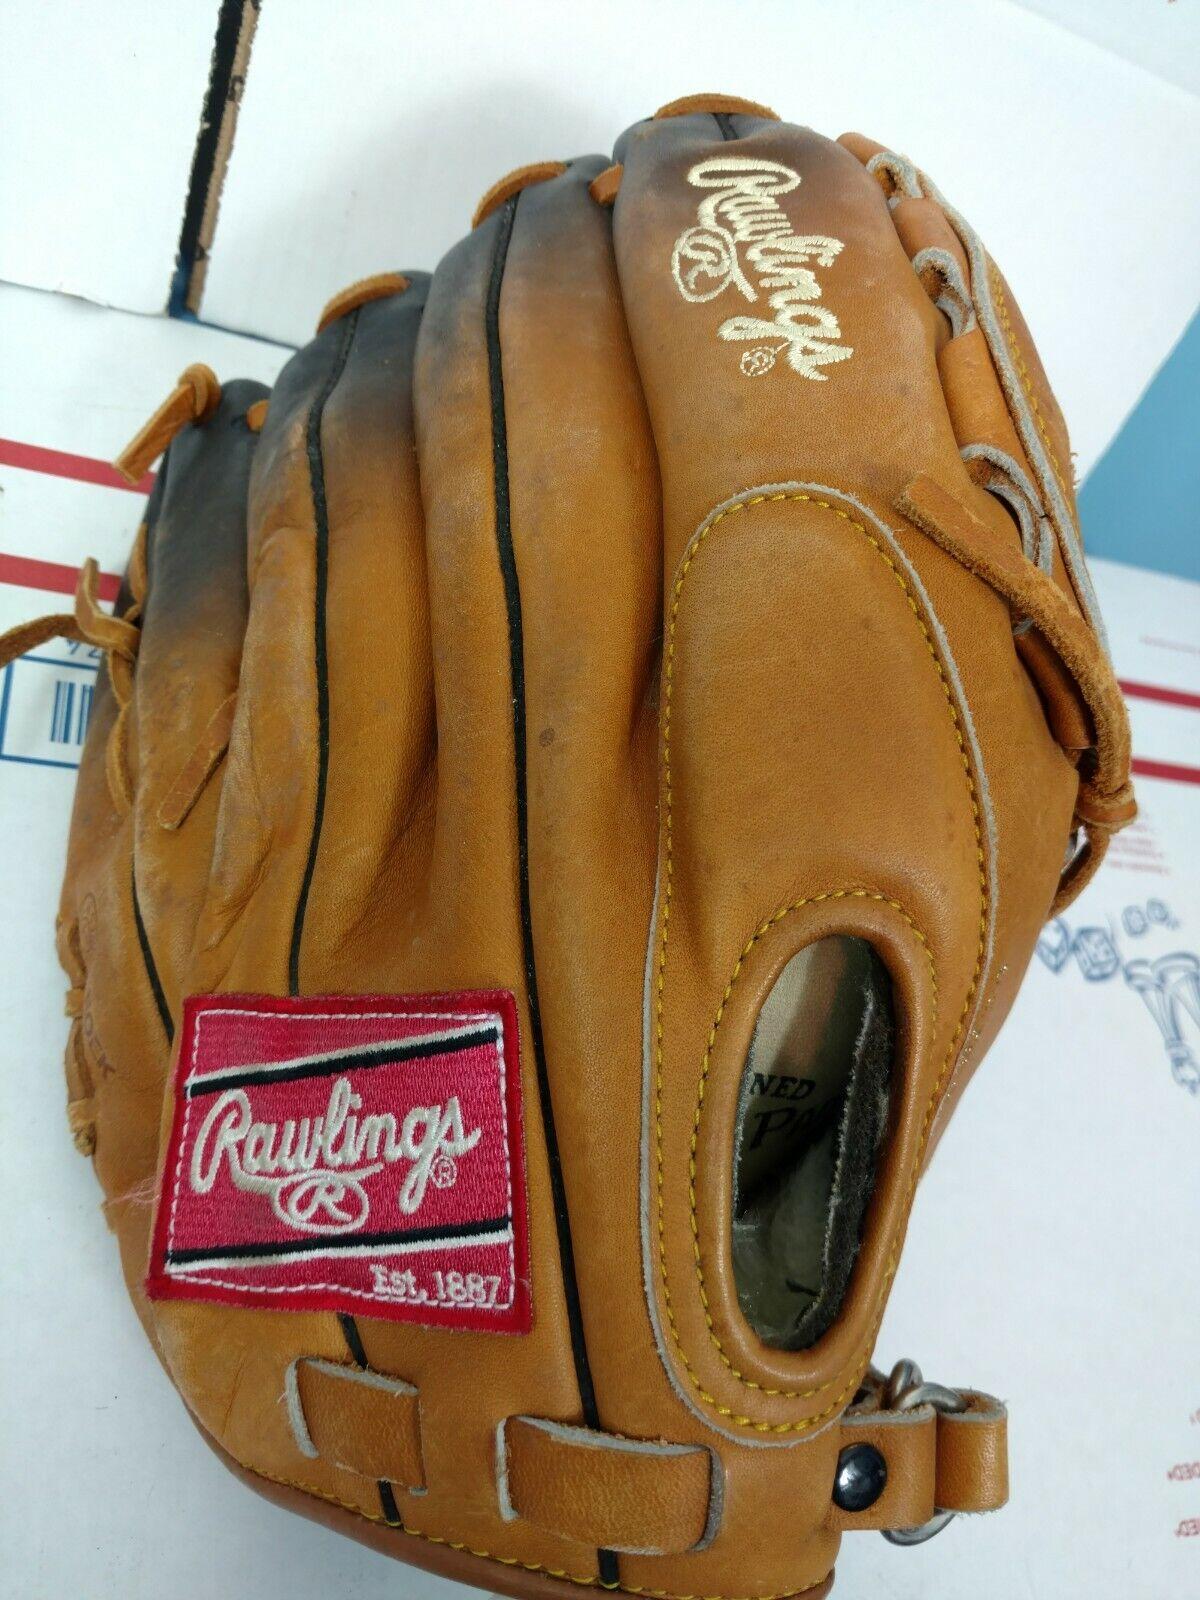 Rawlings destaCoche la serie  HL1000 12 pulgadas mano izquierda Guante De Béisbol De oro, lanzador de mano derecha  la mejor oferta de tienda online